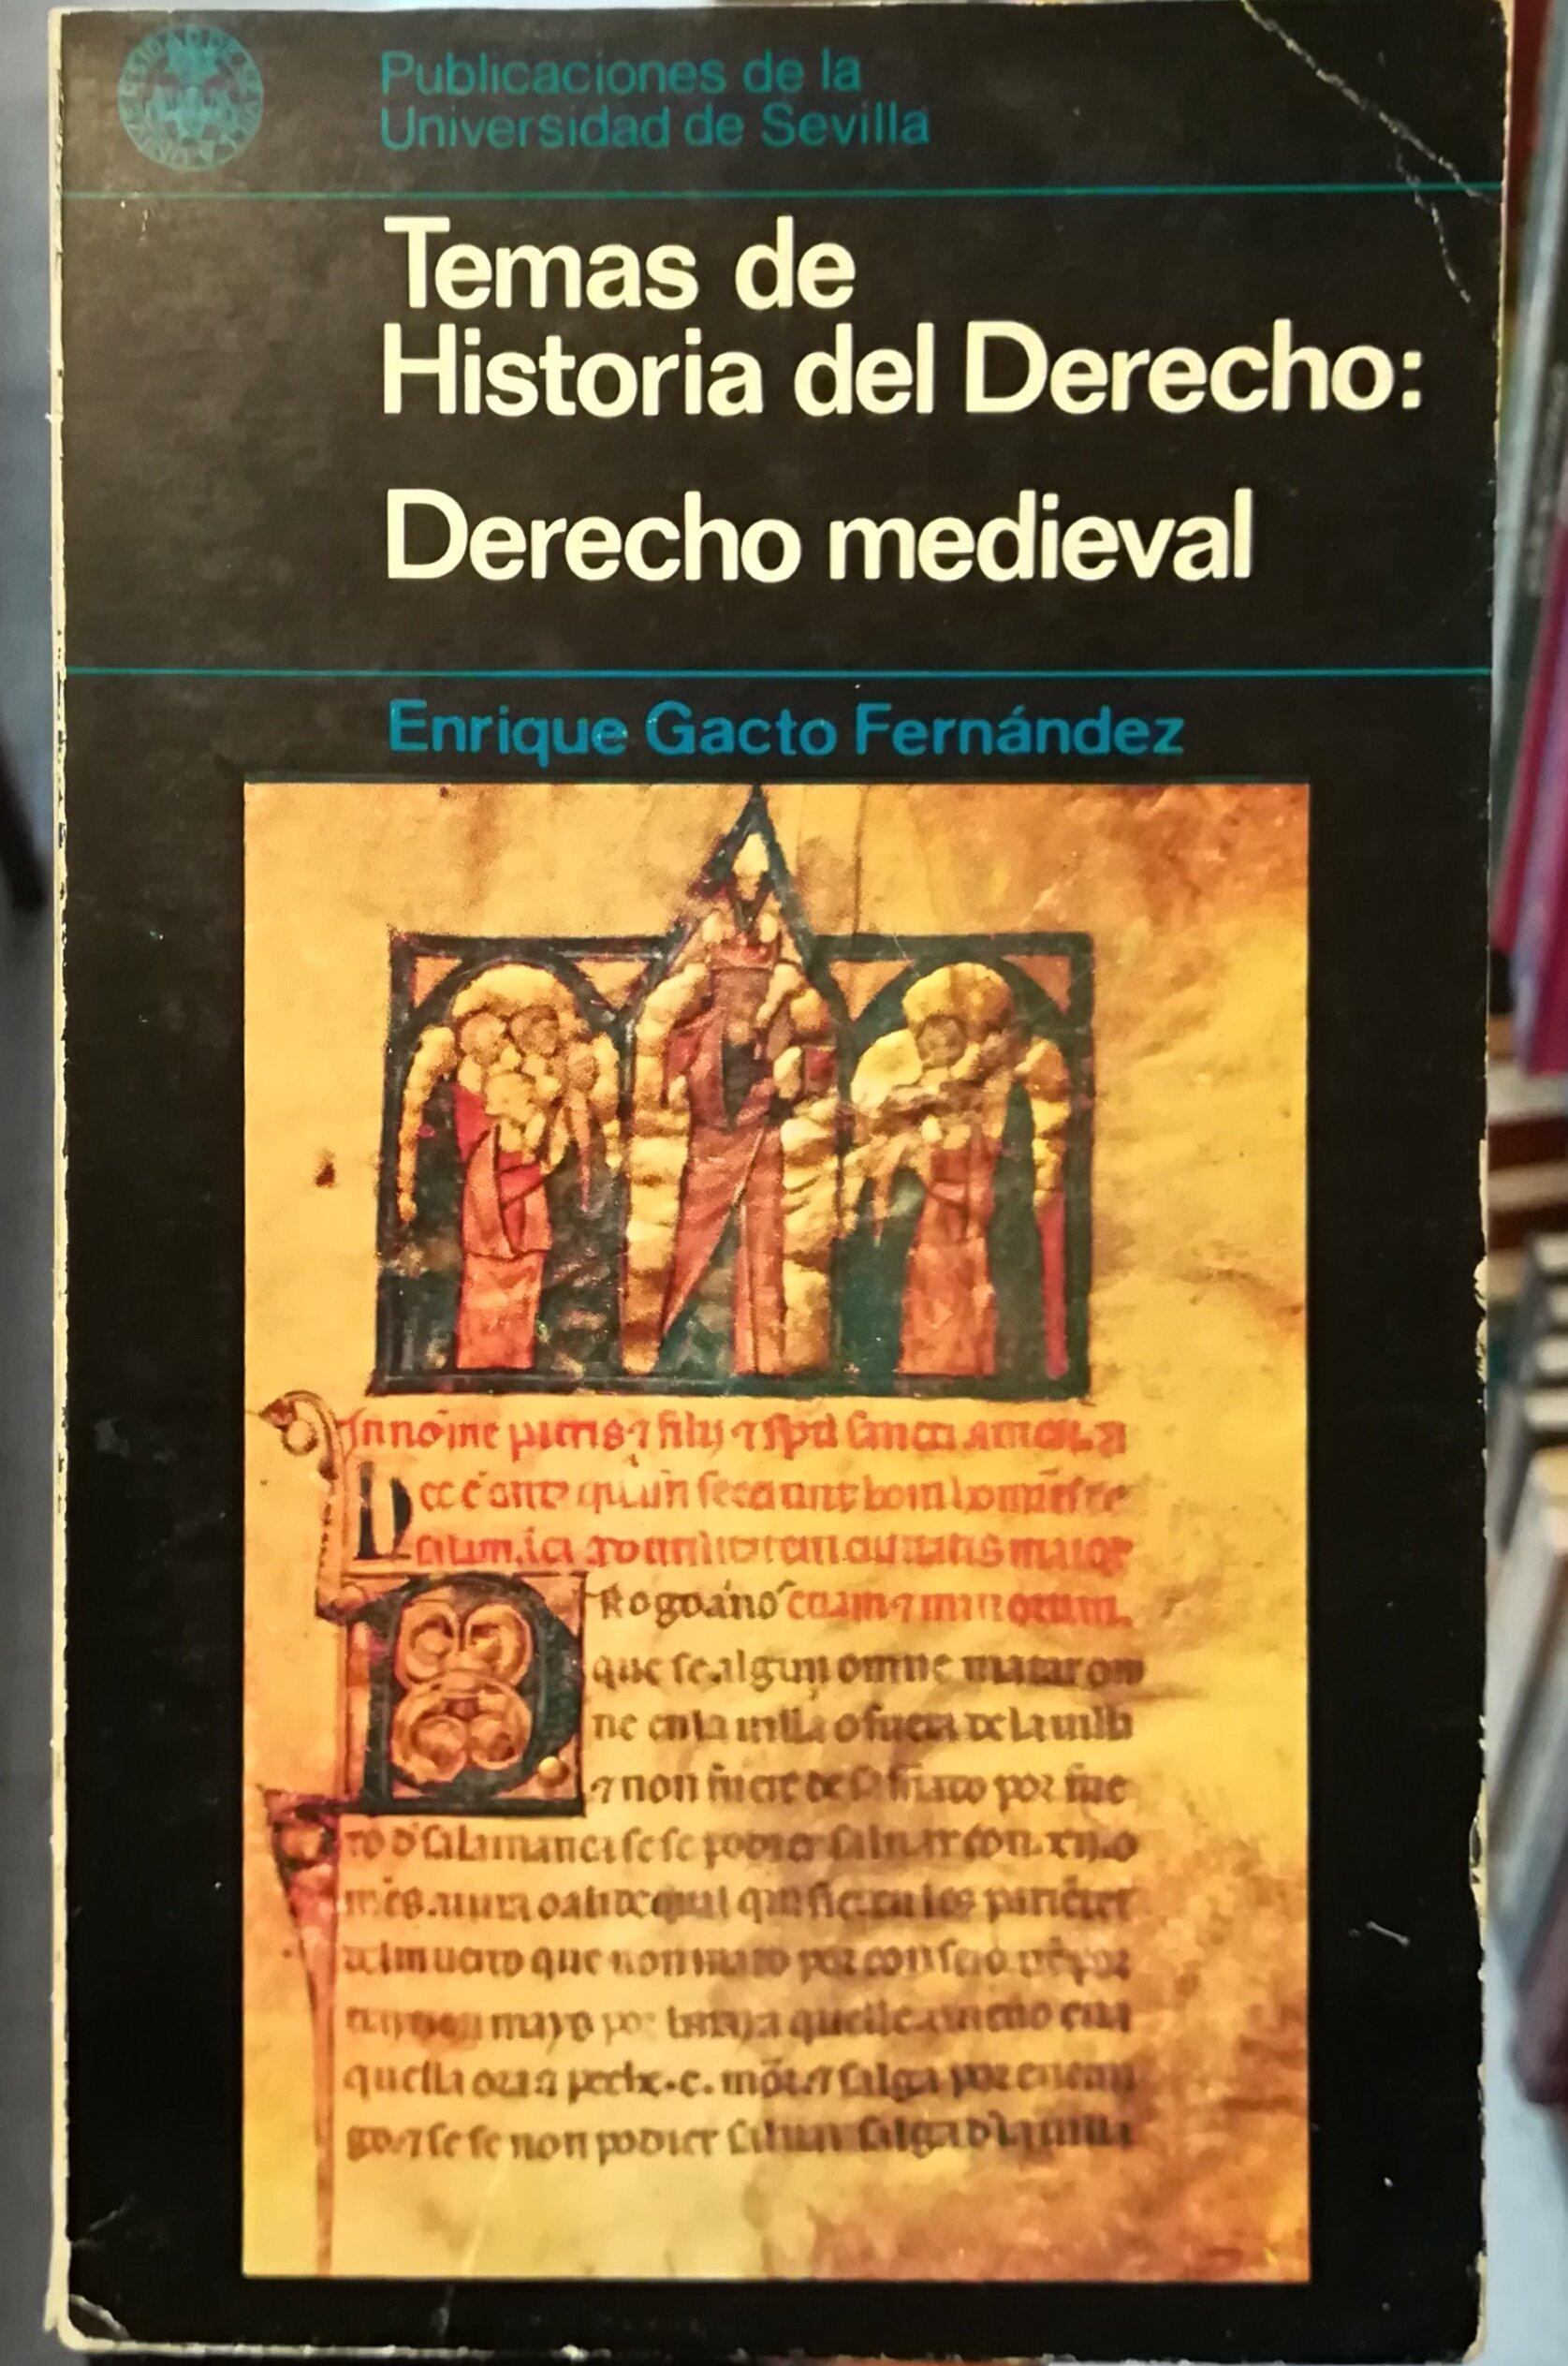 Derecho medieval (Temas de historia del derecho): Amazon.es: Enrique Gacto Fernández: Libros en idiomas extranjeros